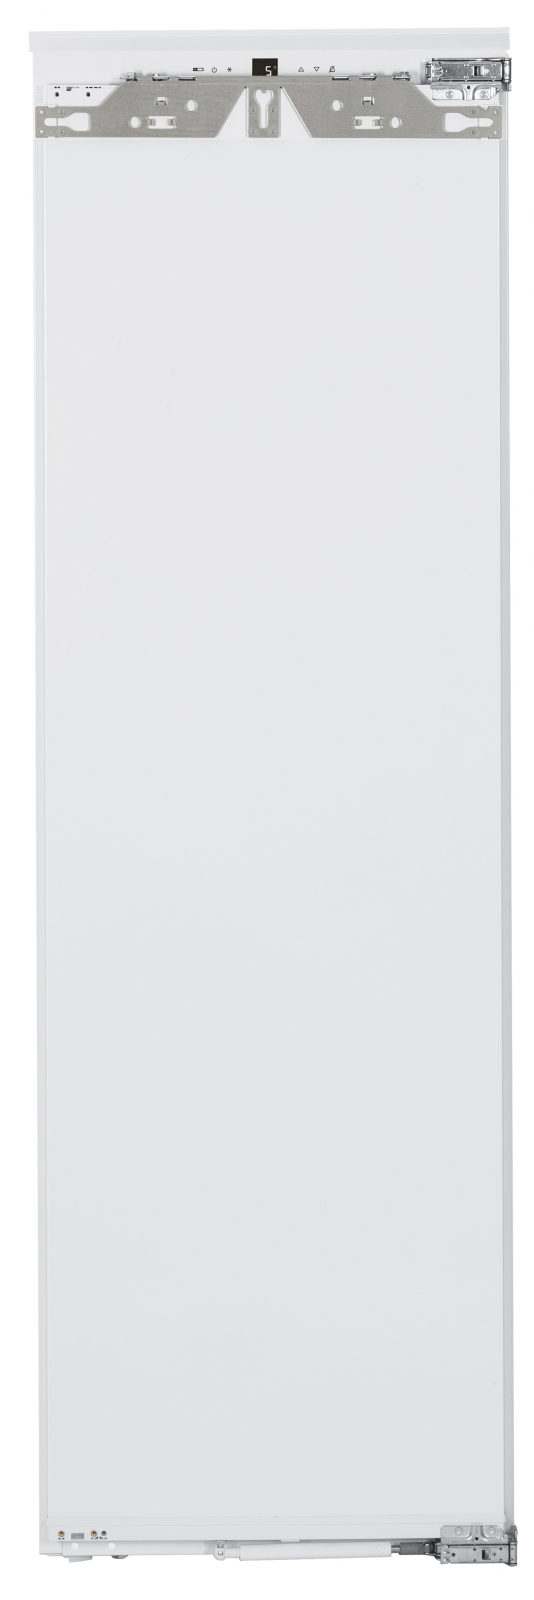 купить Встраиваемый однокамерный холодильник Liebherr IKB 3564 Украина фото 2